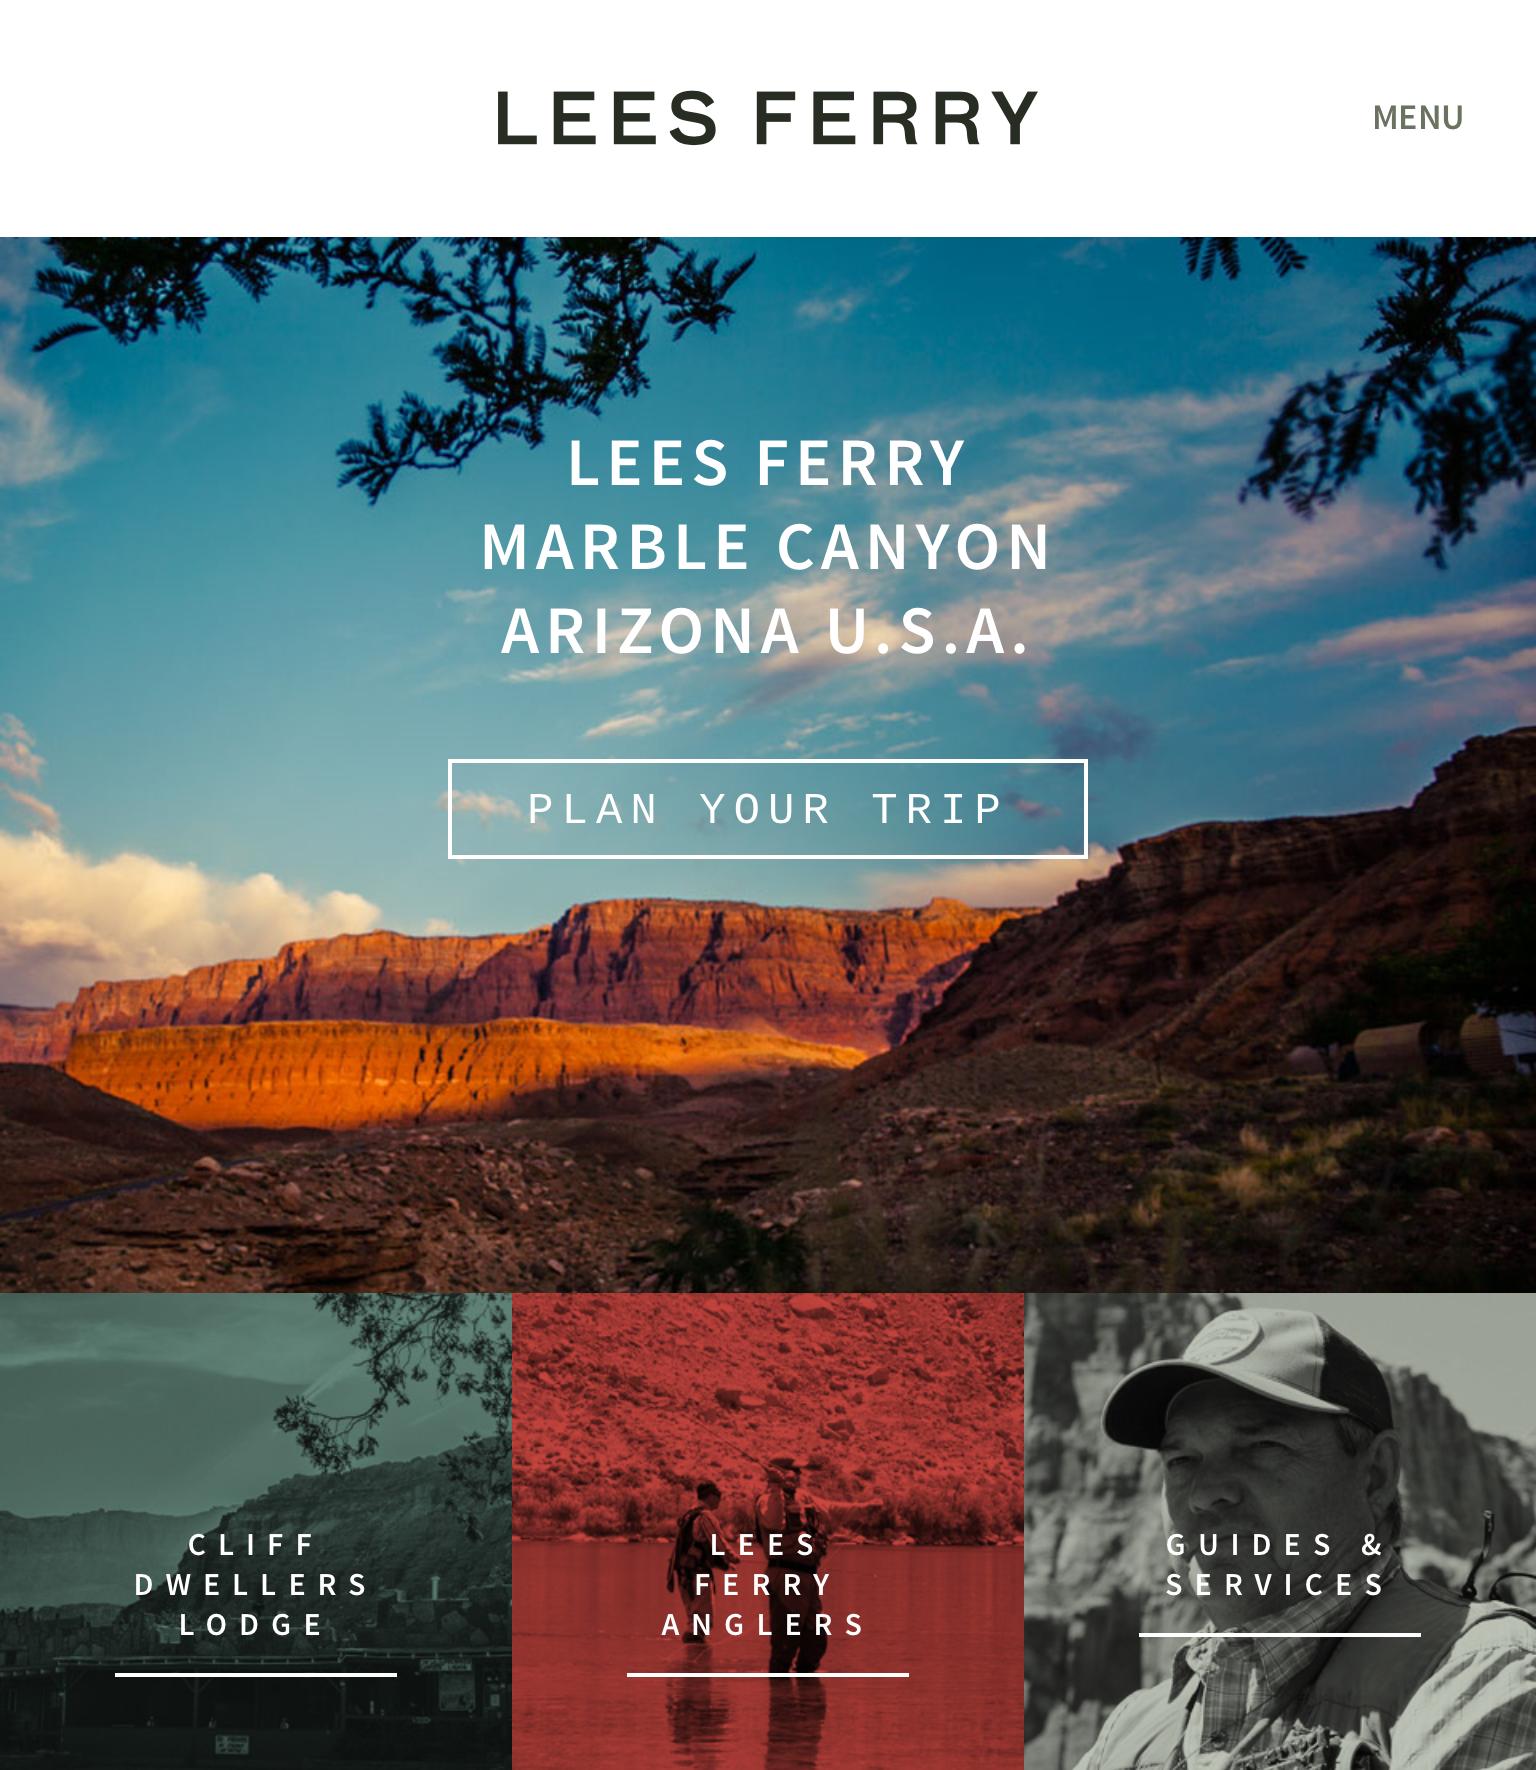 ゴーストボタンの例 (Lees Ferry のウェブサイト)